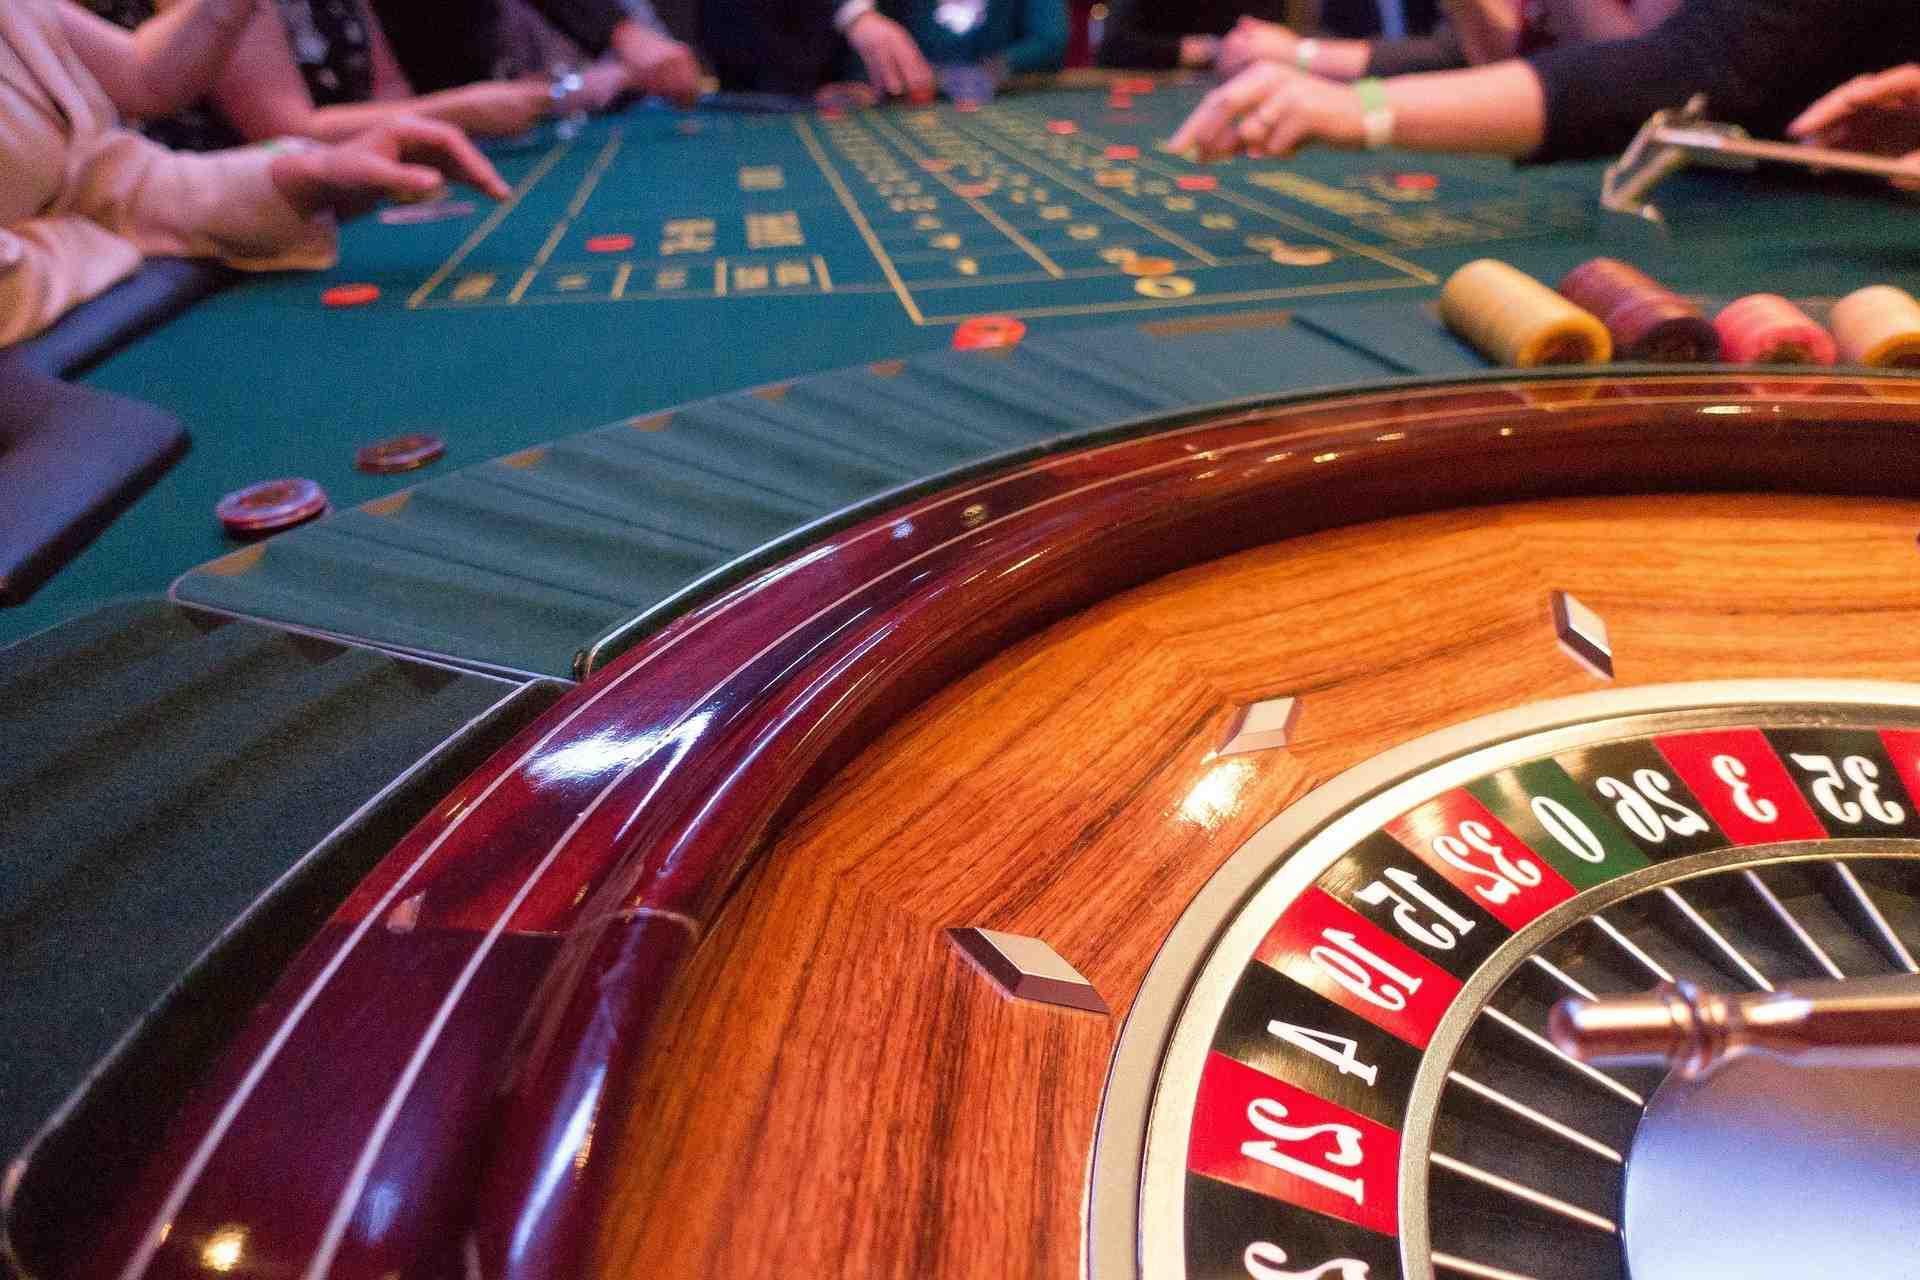 jeux d'argent sur les relevés bancaires